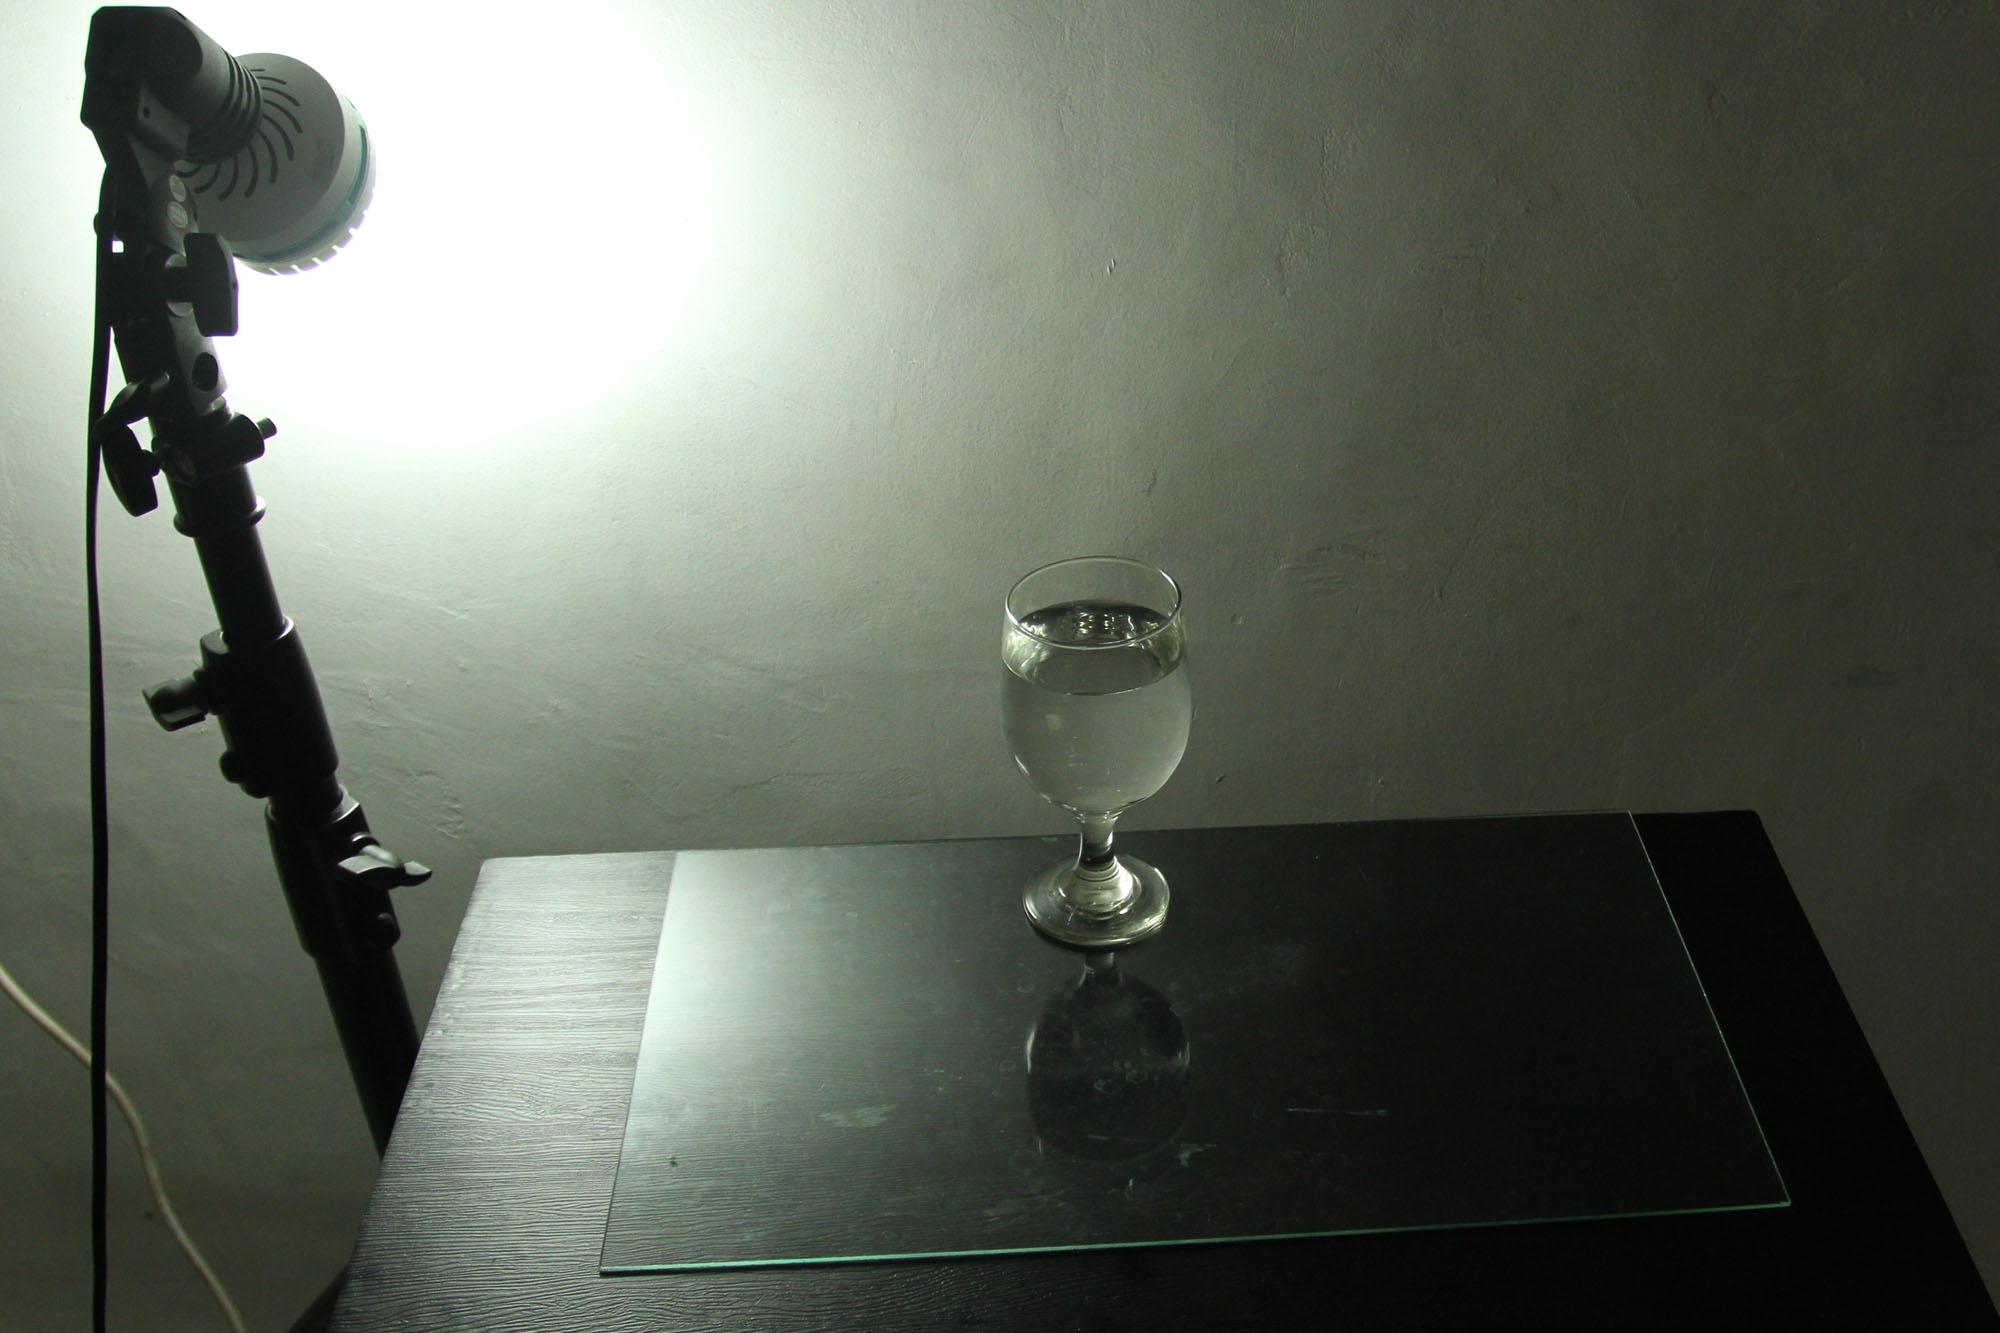 1a  Skema lighting sebelum diblok & Blocking dan Cutting cahaya di fotografi